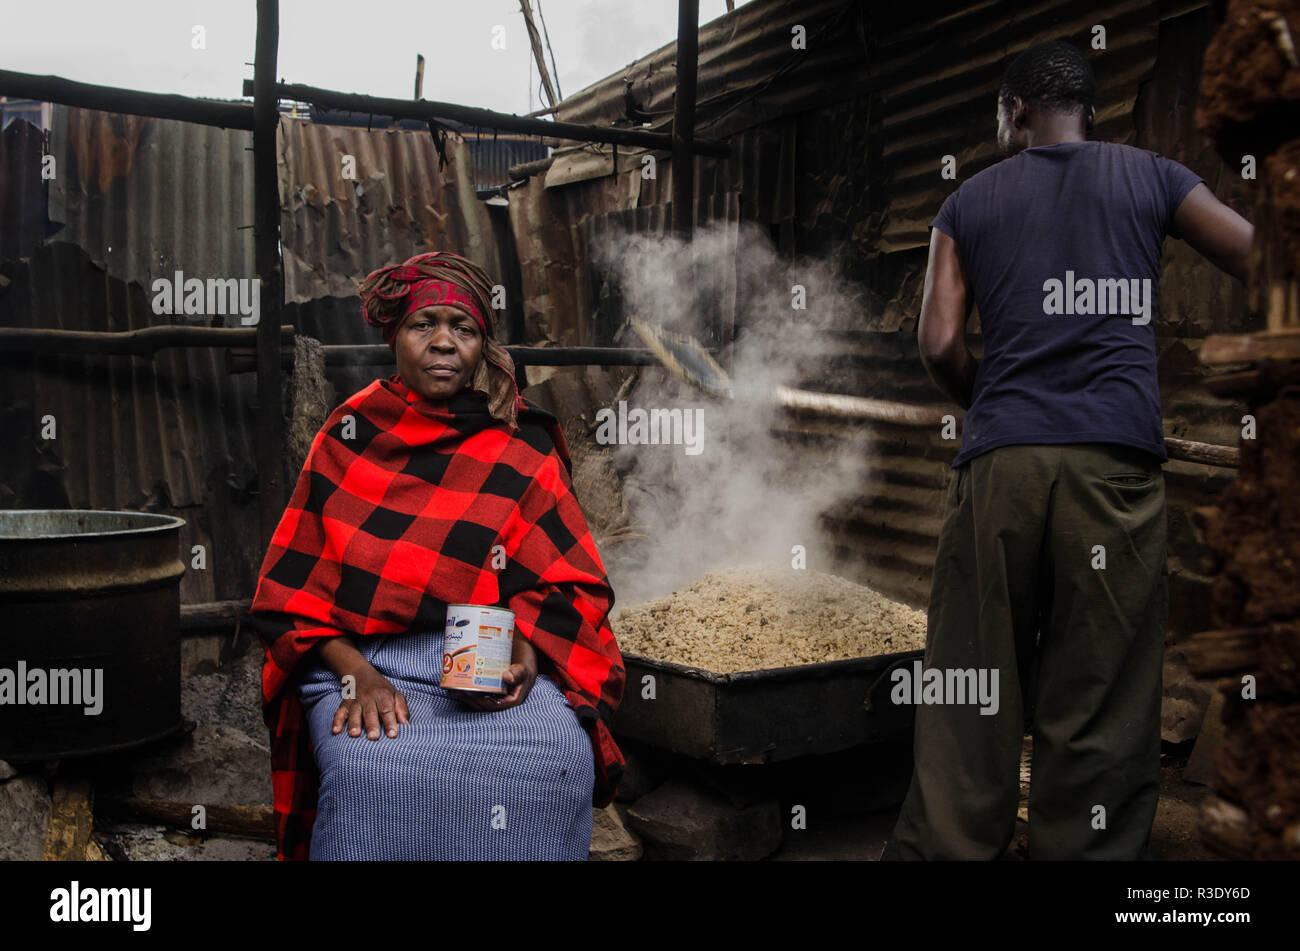 Un hombre es visto asar mezcla de sorgo con el fin de preparar el alcohol en Kibera. Durante un largo período de tiempo, la mayoría de las mujeres de Kibera han sido los barrios bajo la influencia del alcohol. No considerar los efectos secundarios, aquí las mujeres consumen por diferentes razones, incluyendo la toma de más estrés y olvidarse de sus problemas familiares de regreso a casa. Esto es debido a la falta de suficientes oportunidades de empleo y el apoyo de sus maridos, el alto nivel de consumo de alcohol ha llevado a la mayor tasa de muertes, ceguera y riesgo de muchas enfermedades peligrosas como el cáncer, la hipertensión, apoplejía y lesiones traumáticas wit Foto de stock